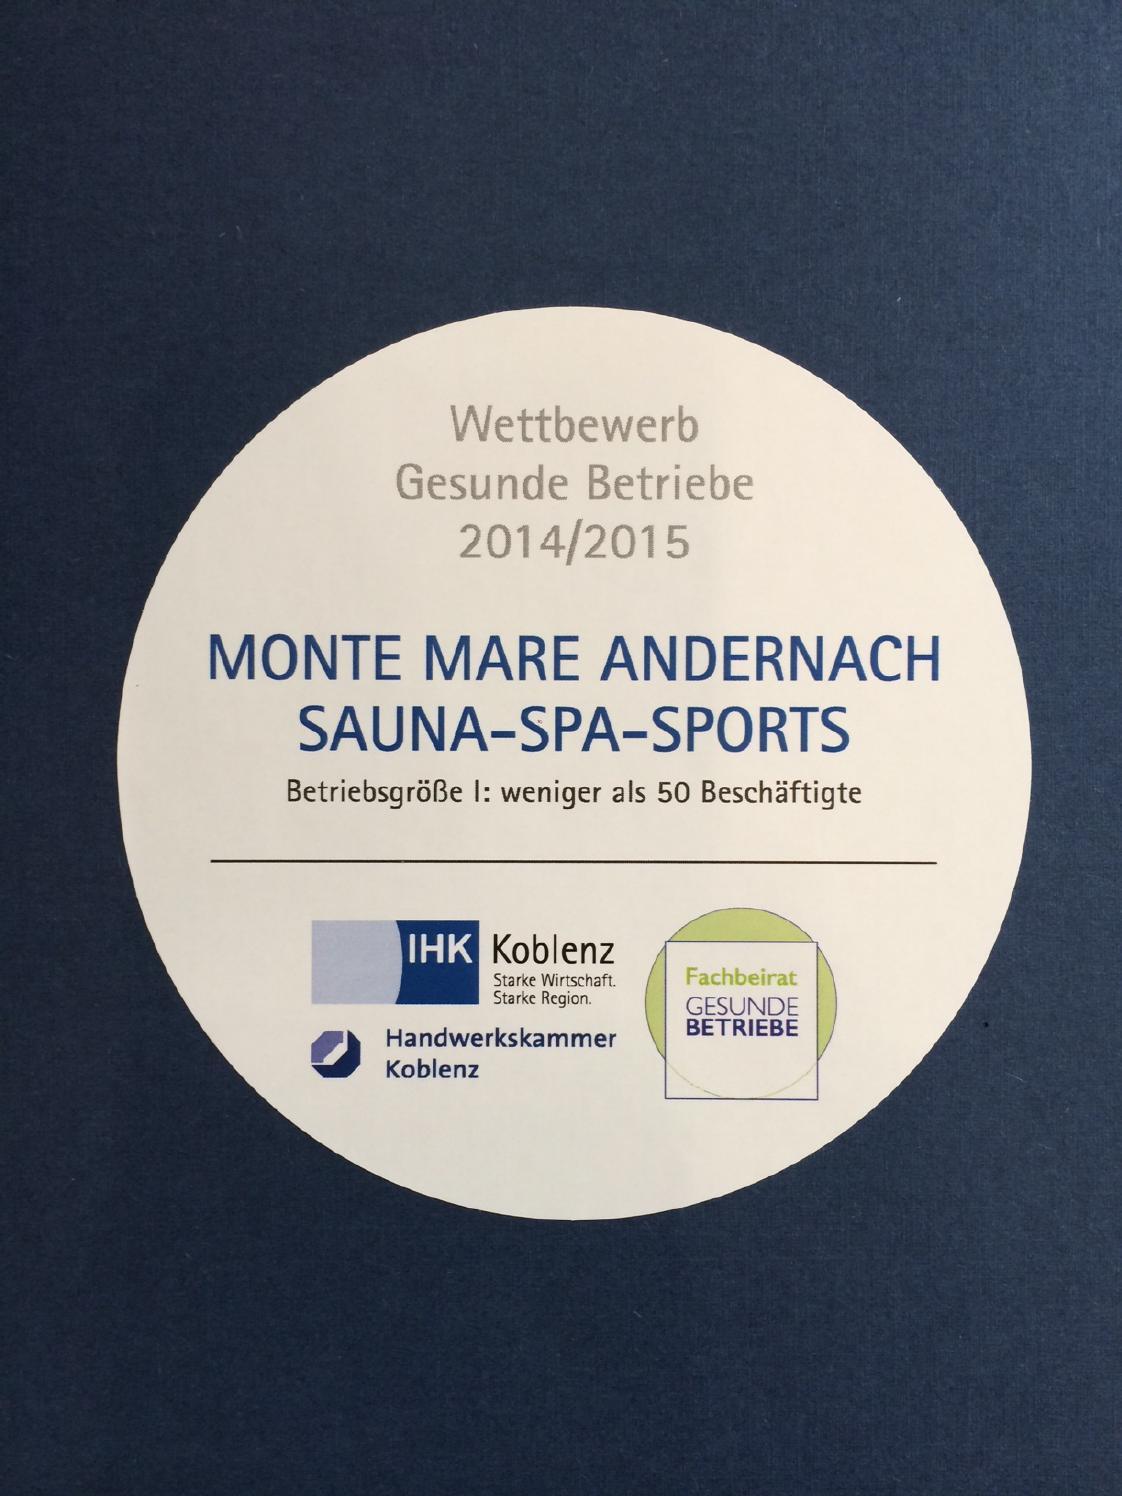 """Auszeichnung """"Gesunde Betriebe"""" der IHK - monte mare Andernach"""